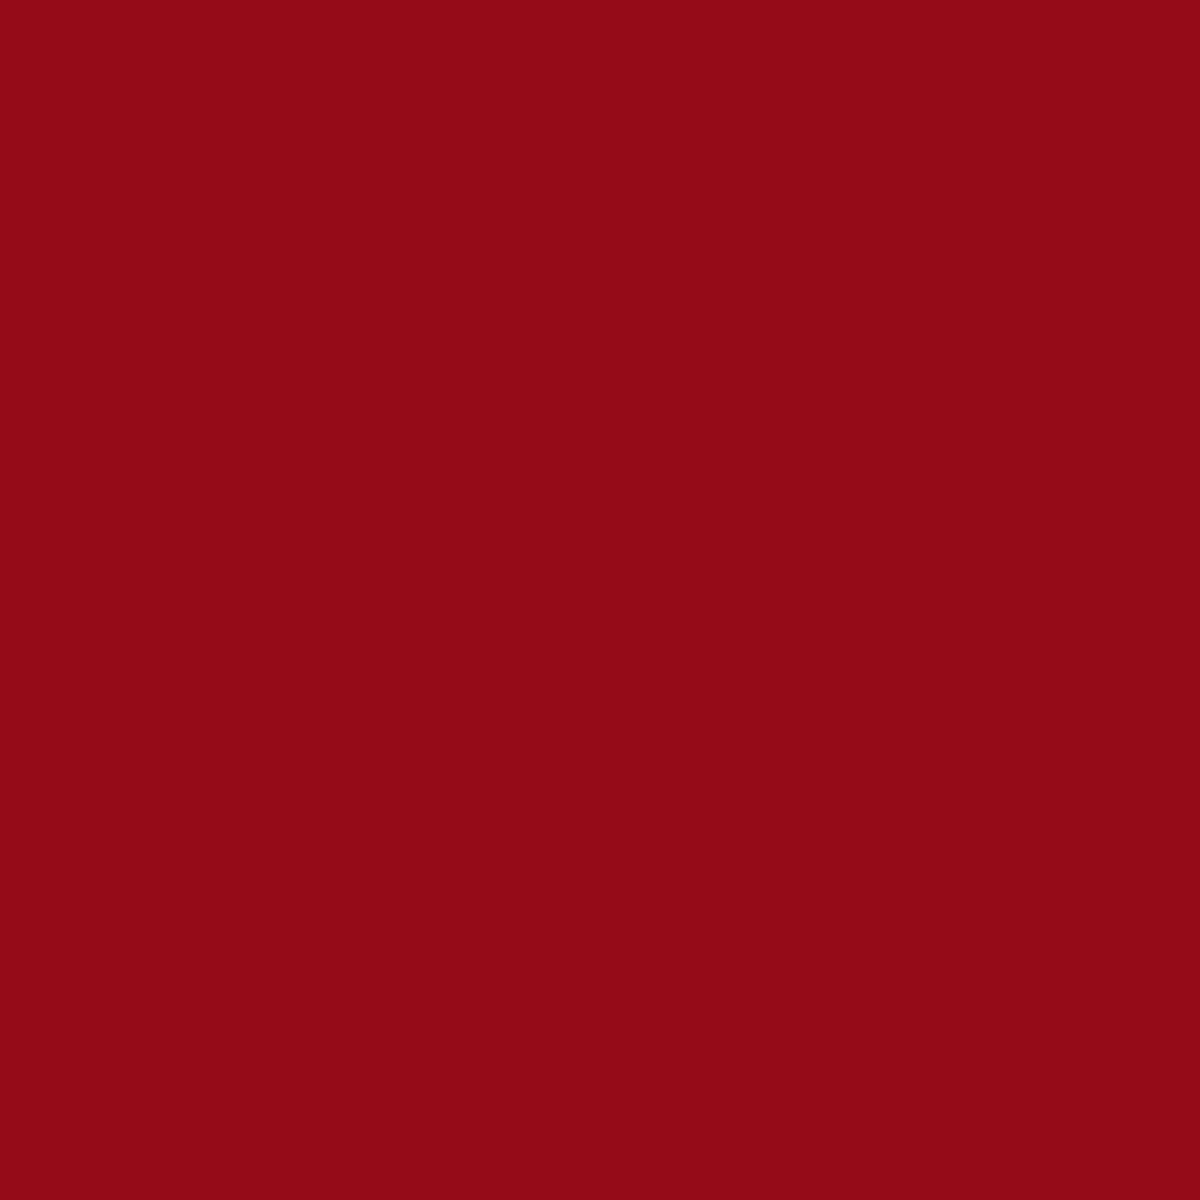 コール・クチュール・ウォータープルーフ スプリングコレクション2020「No.13 ポピー」